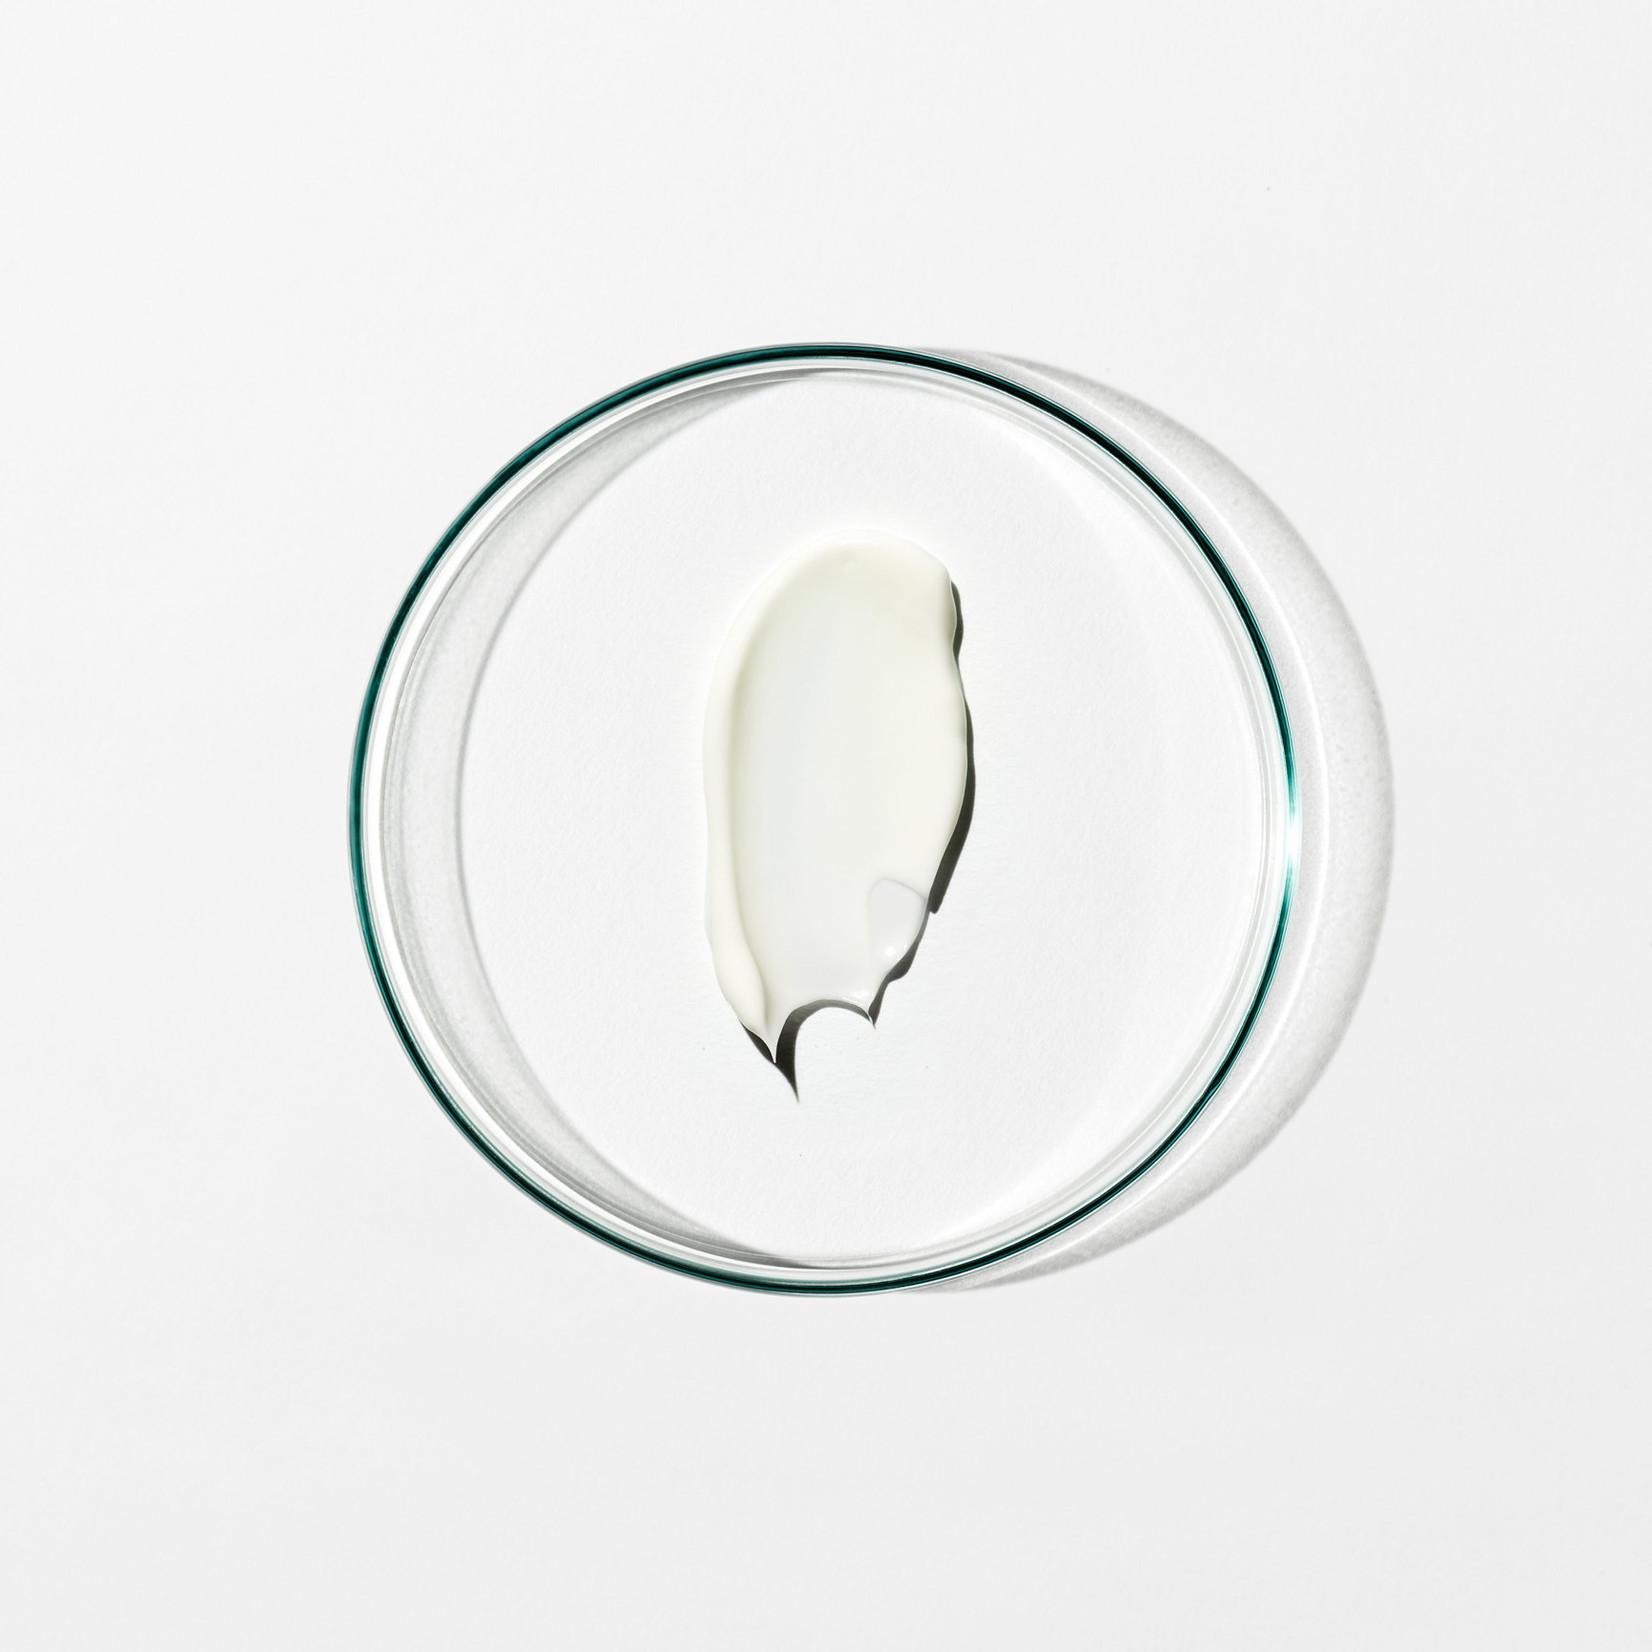 Grown Alchemist Grown Alchemist Hand Cream Vanilla, Orange Peel - 65mL